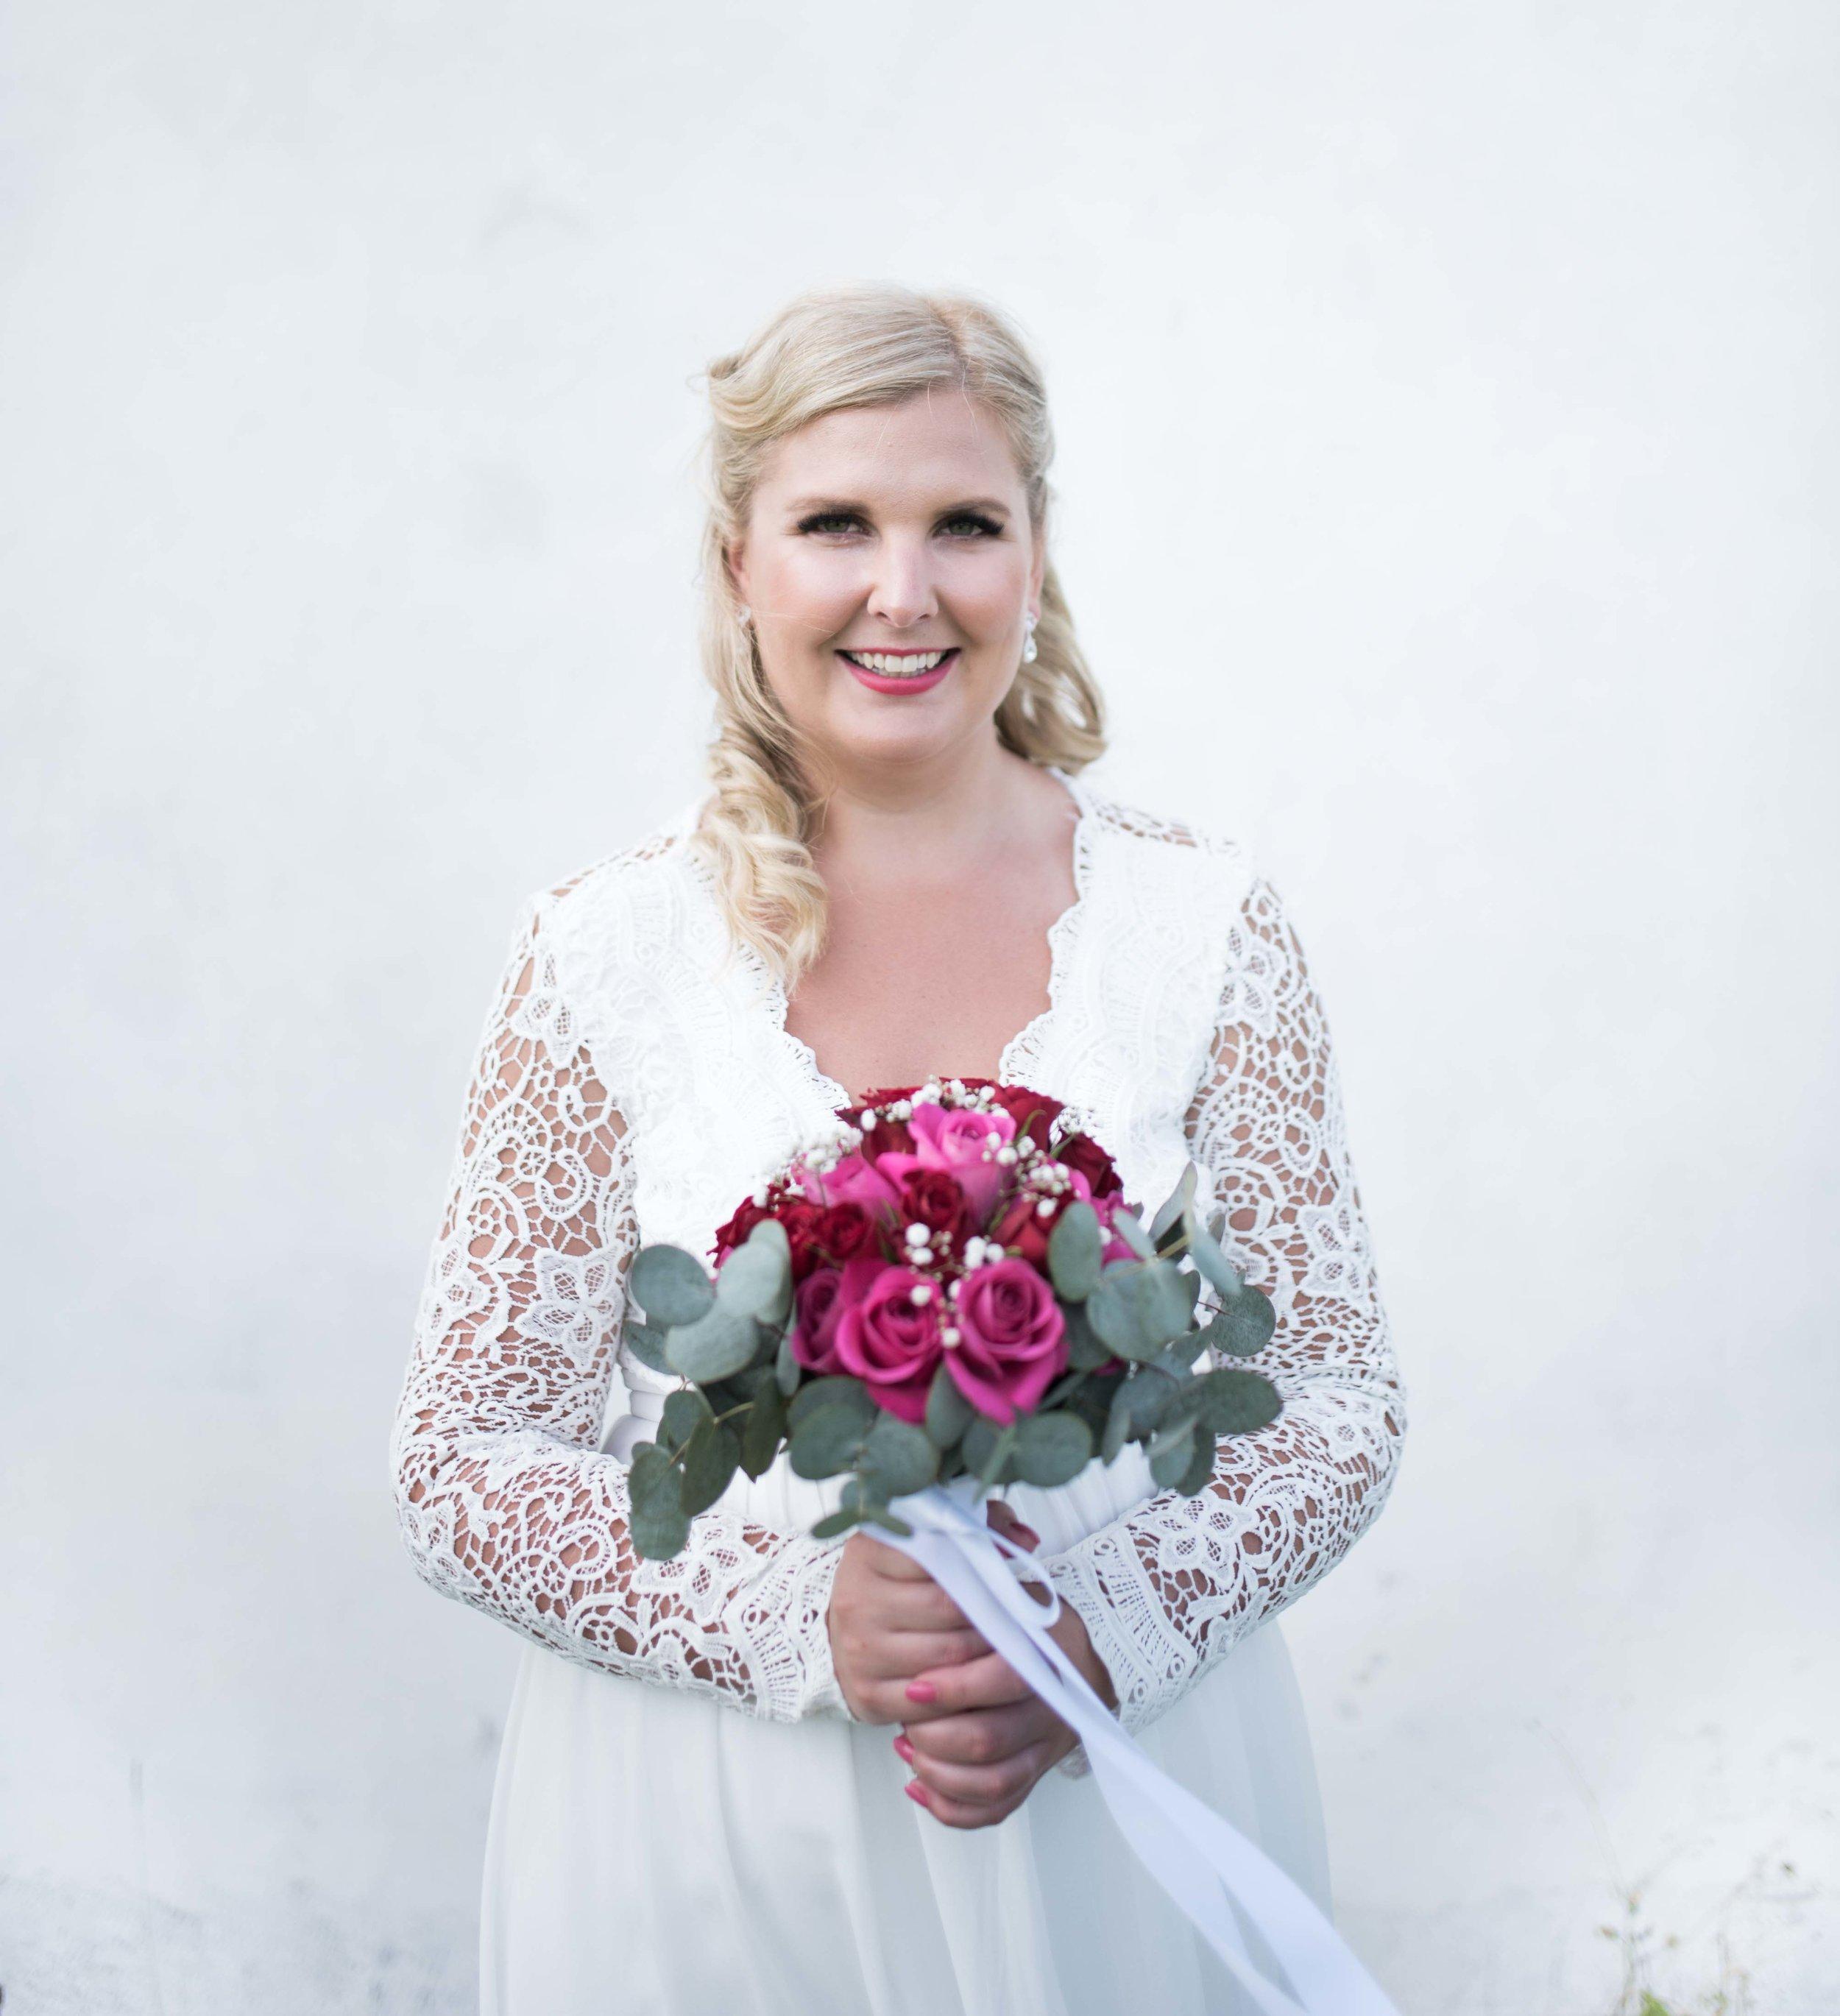 Bröllop2019lågkvall-4672.jpg